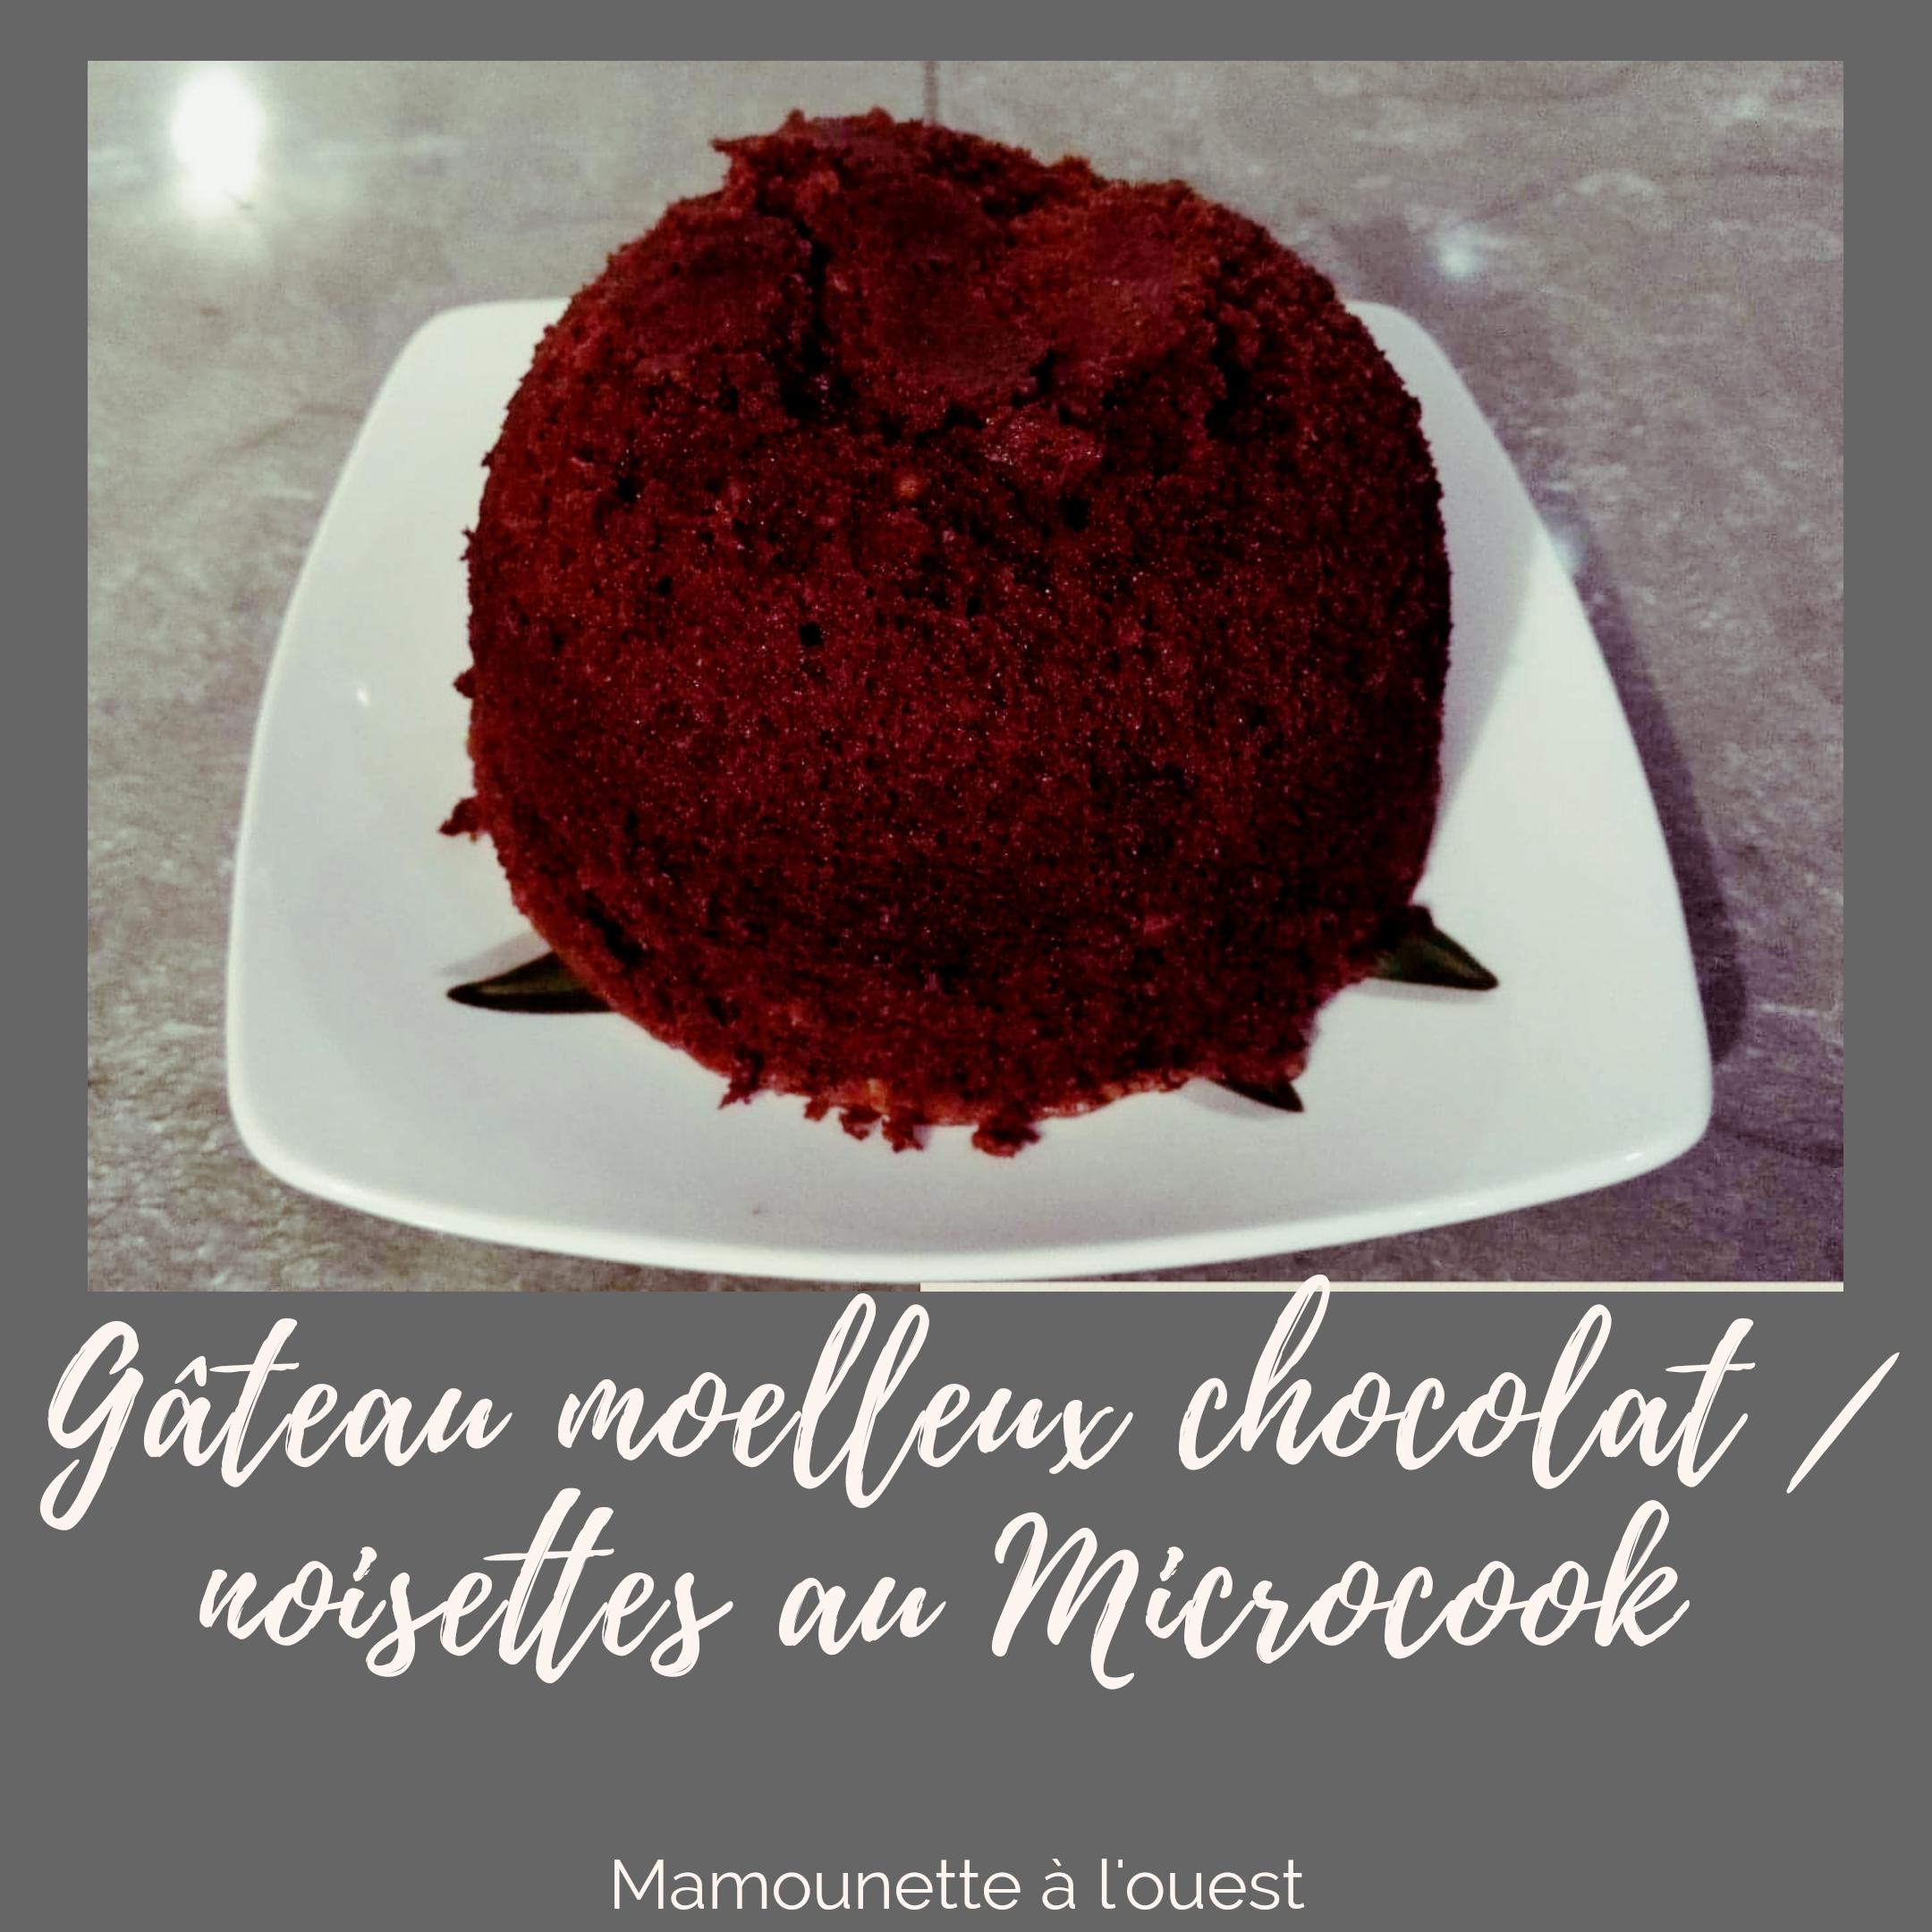 gâteau moelleux chocolat / noisettes au Microcook.png